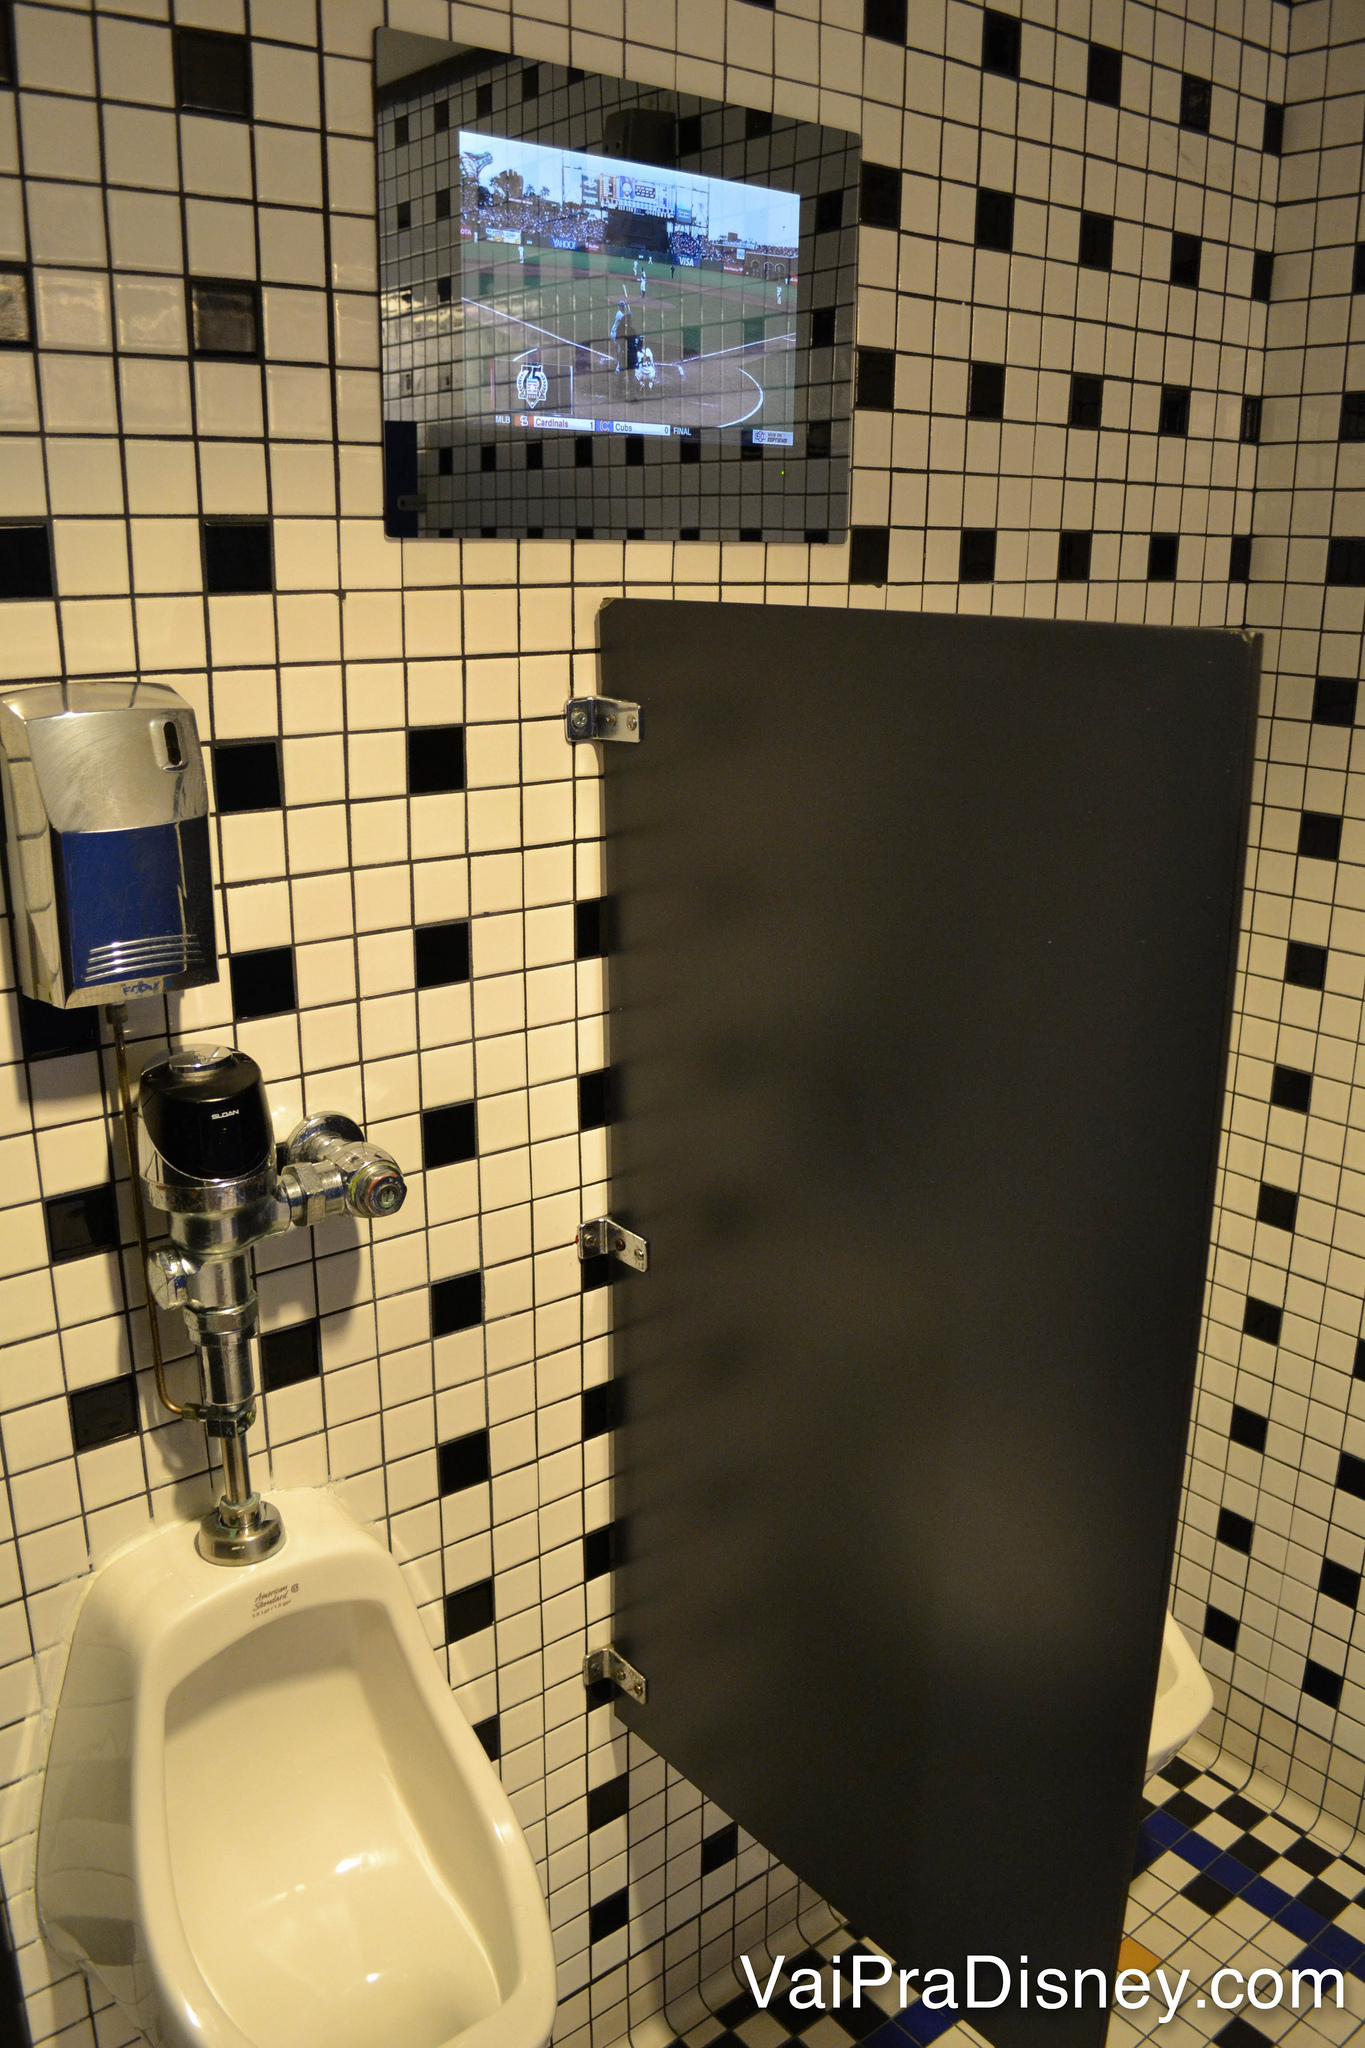 TV acima do mictório do banheiro no ESPN Club